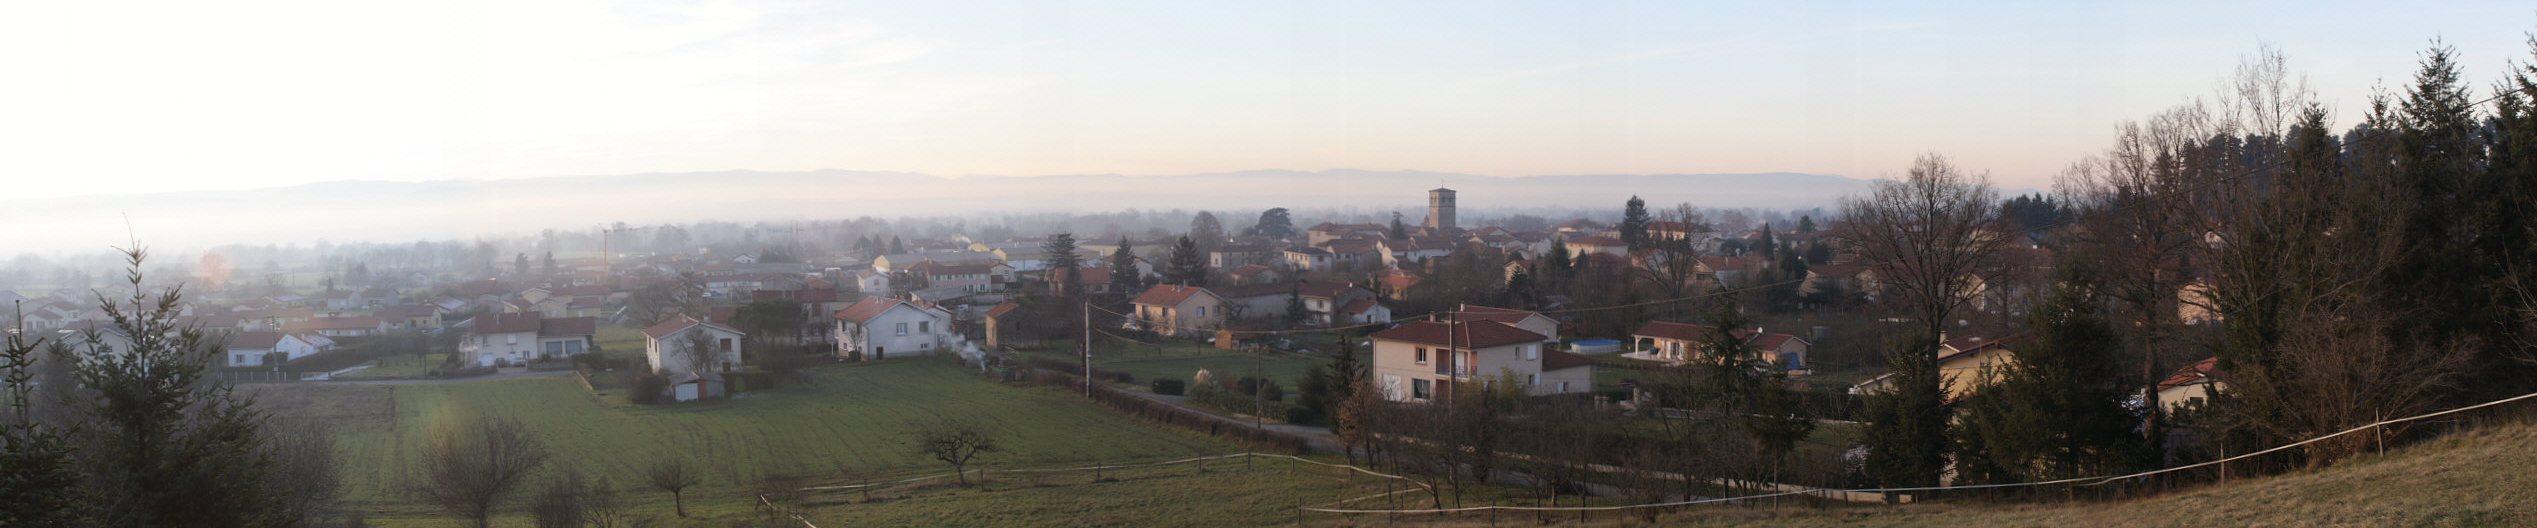 Pouilly-lès-Feurs